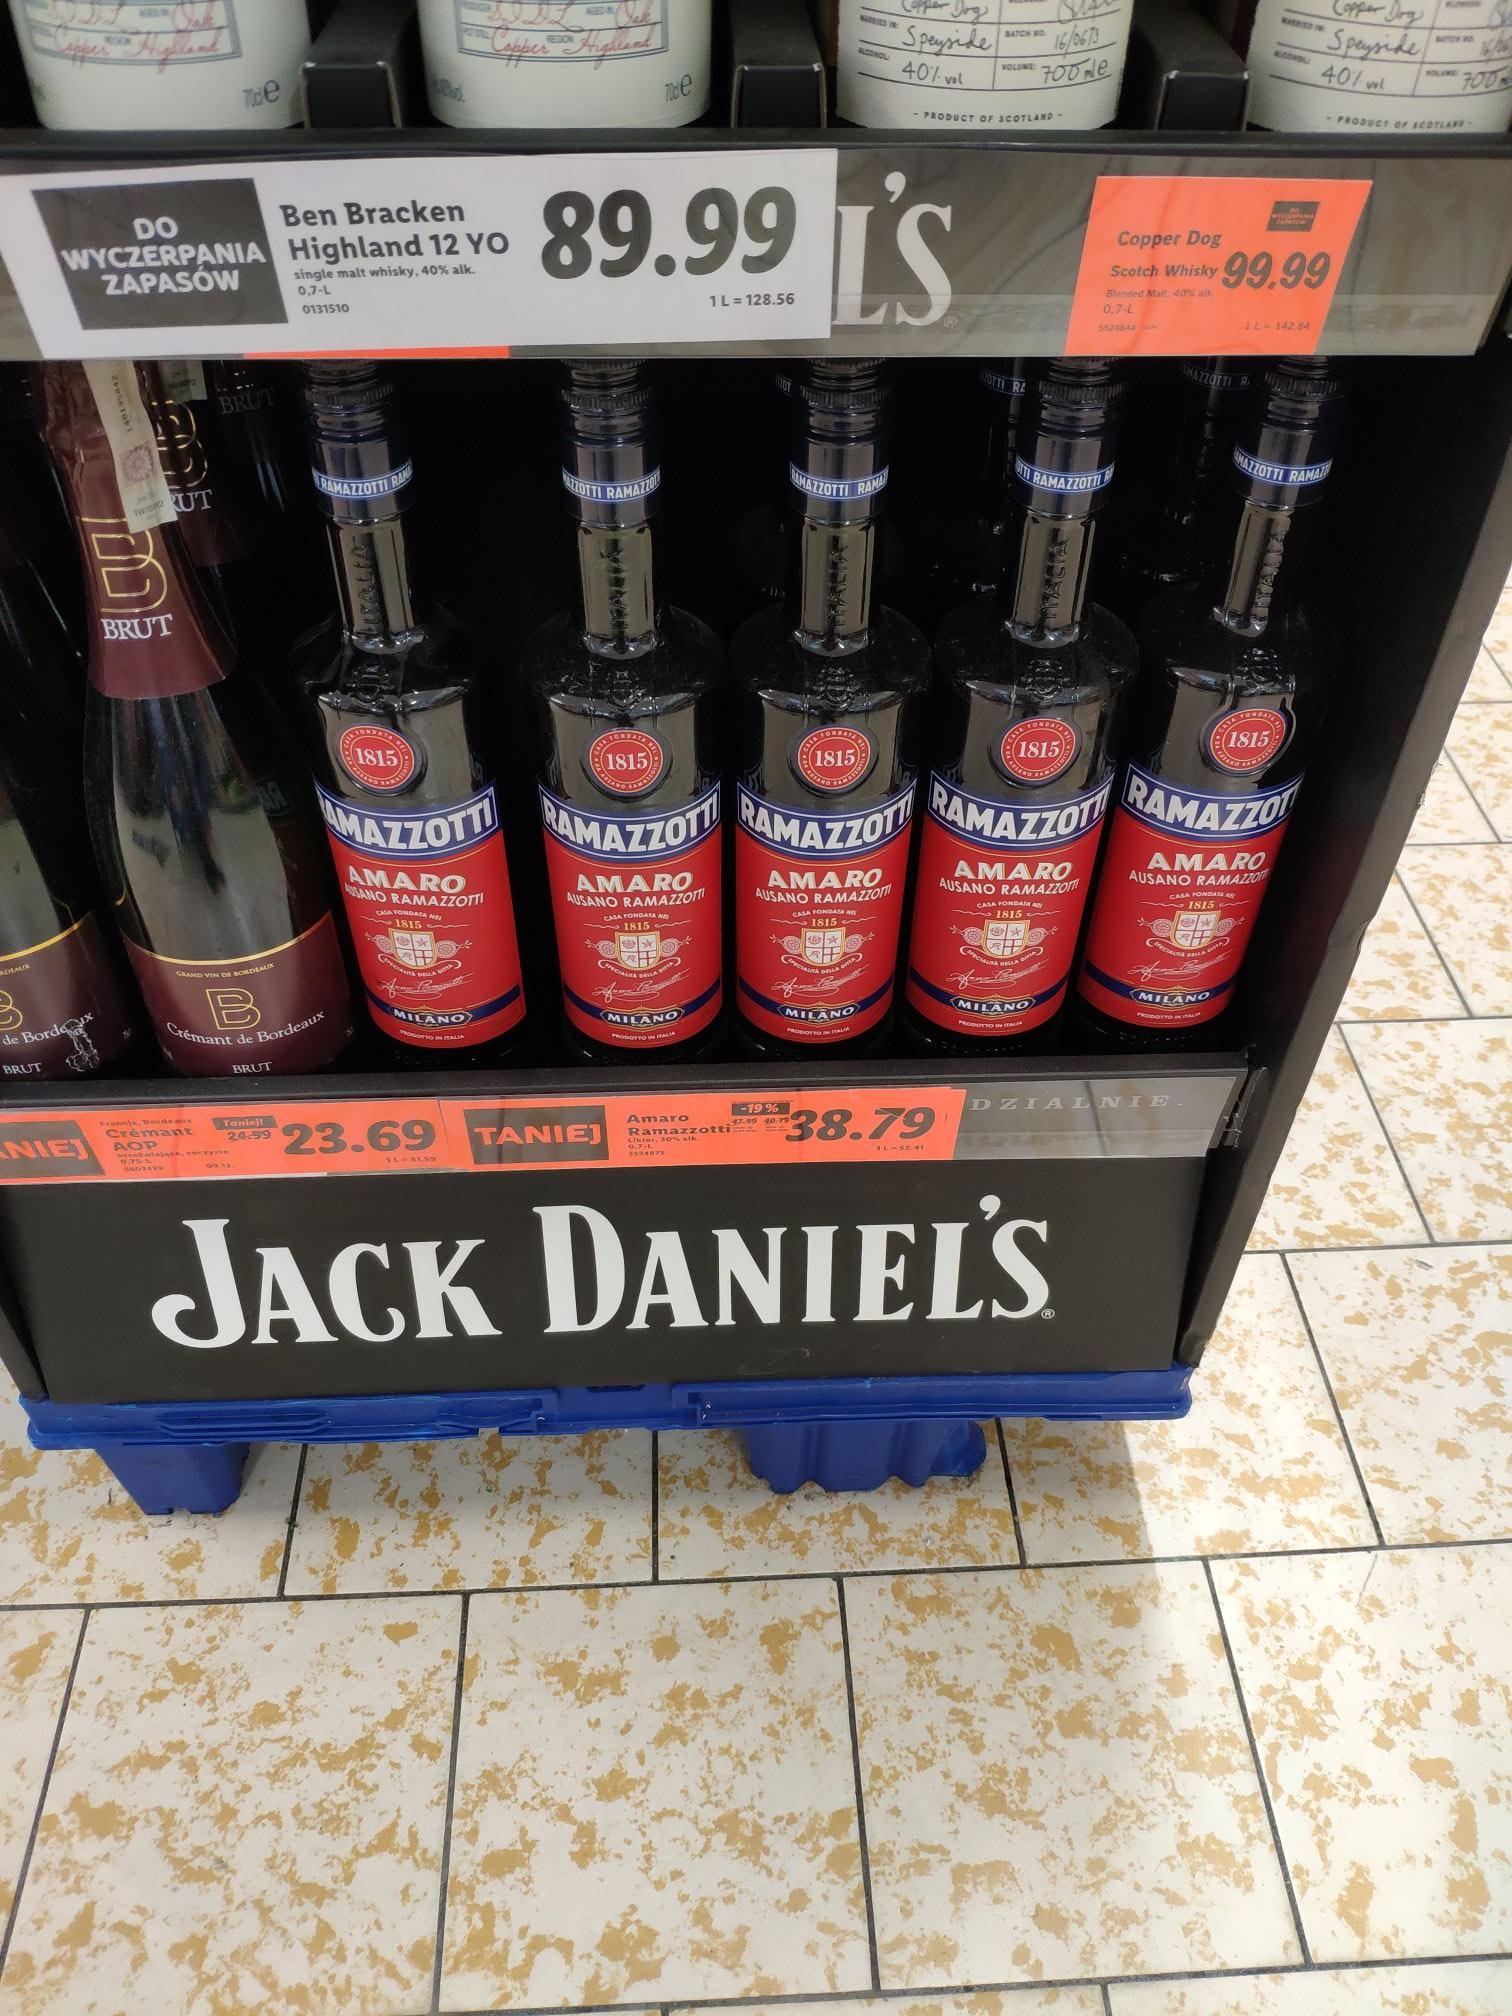 Likier Ramazzotti Amaro 30% - Lidl